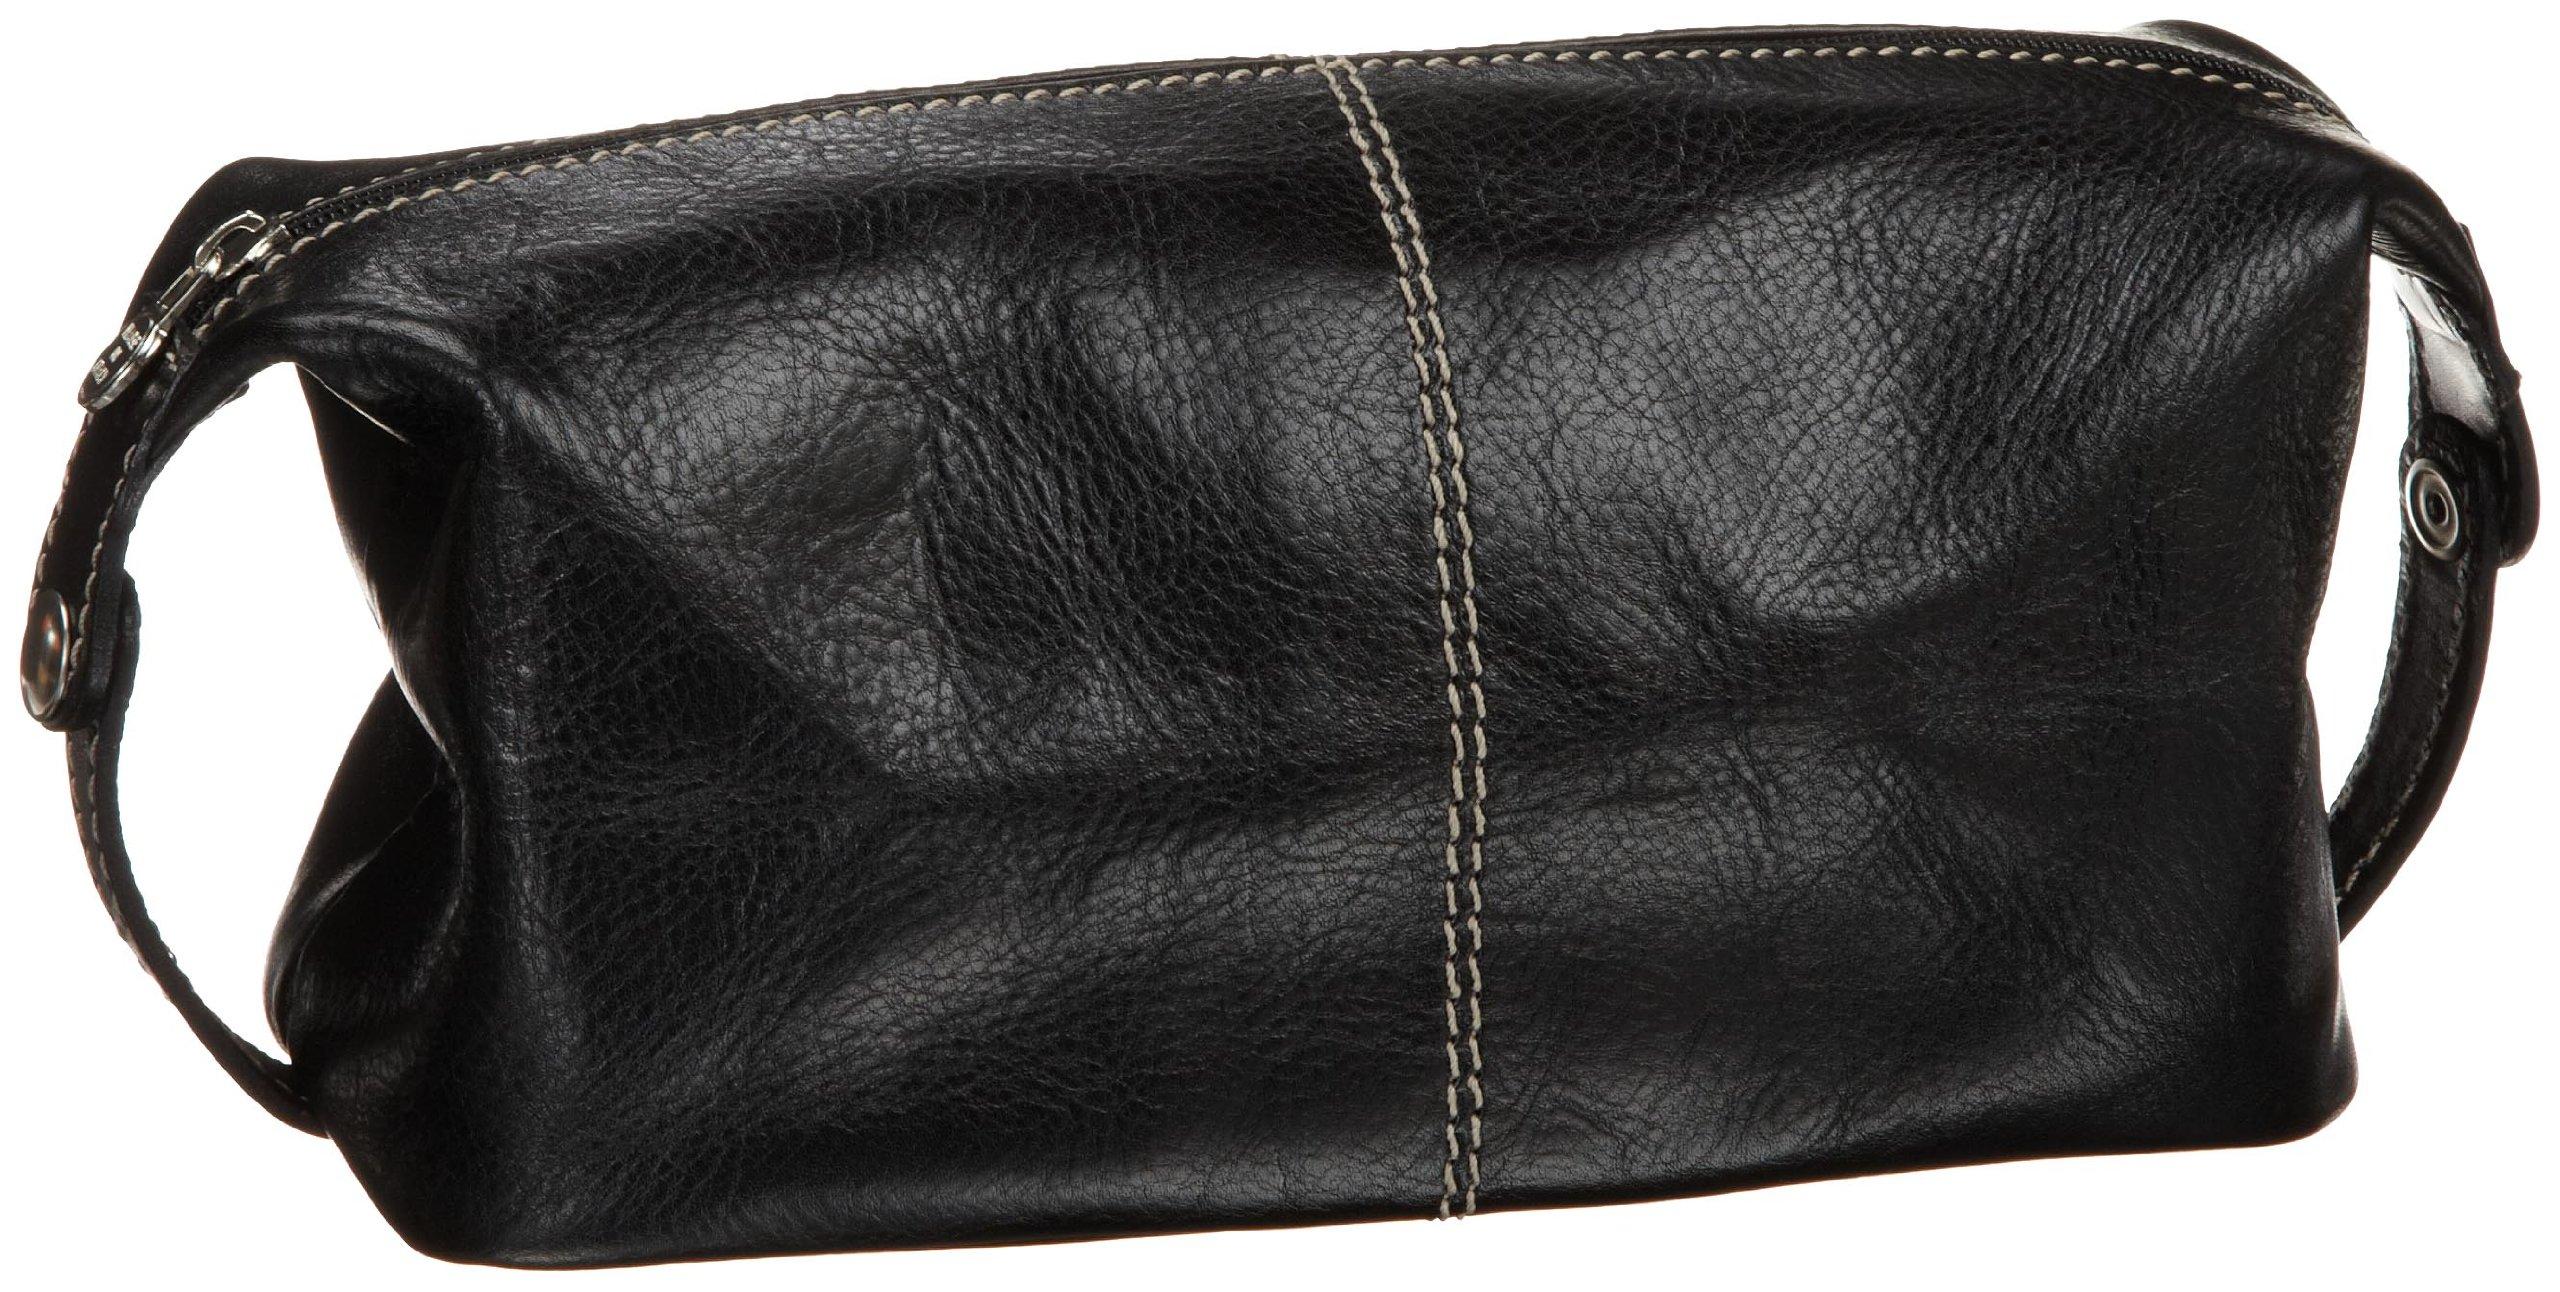 Floto Luggage Venezia Travel Kit,Black,one size